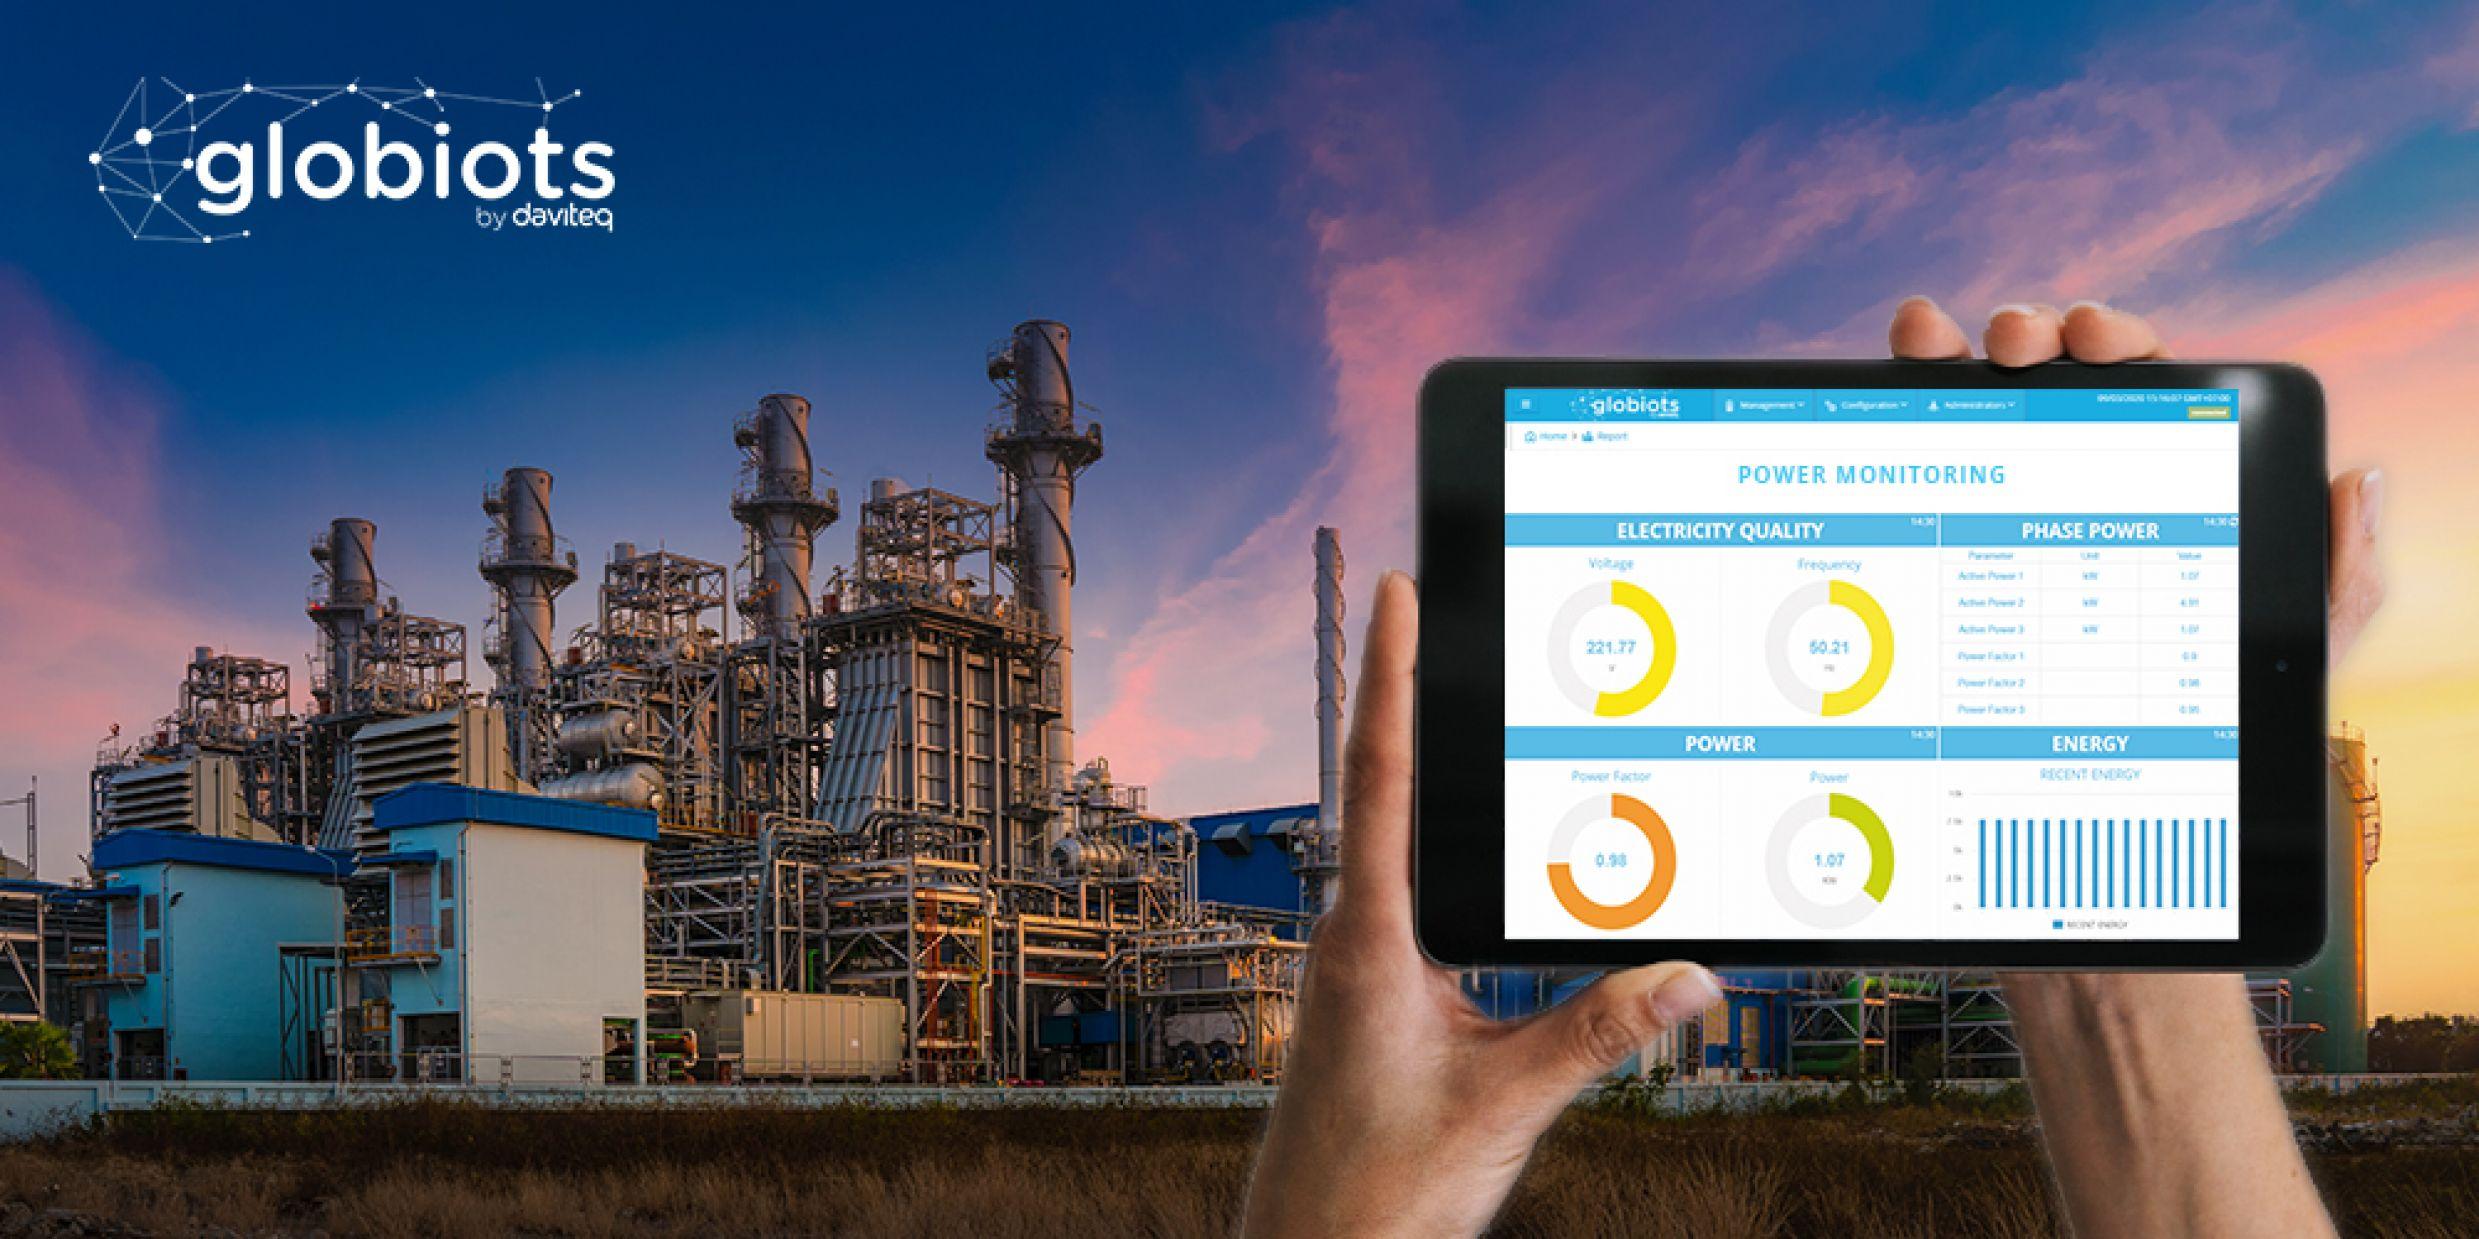 Build ENERGY MANAGEMENT SOLUTION based on IoT Globiots platform